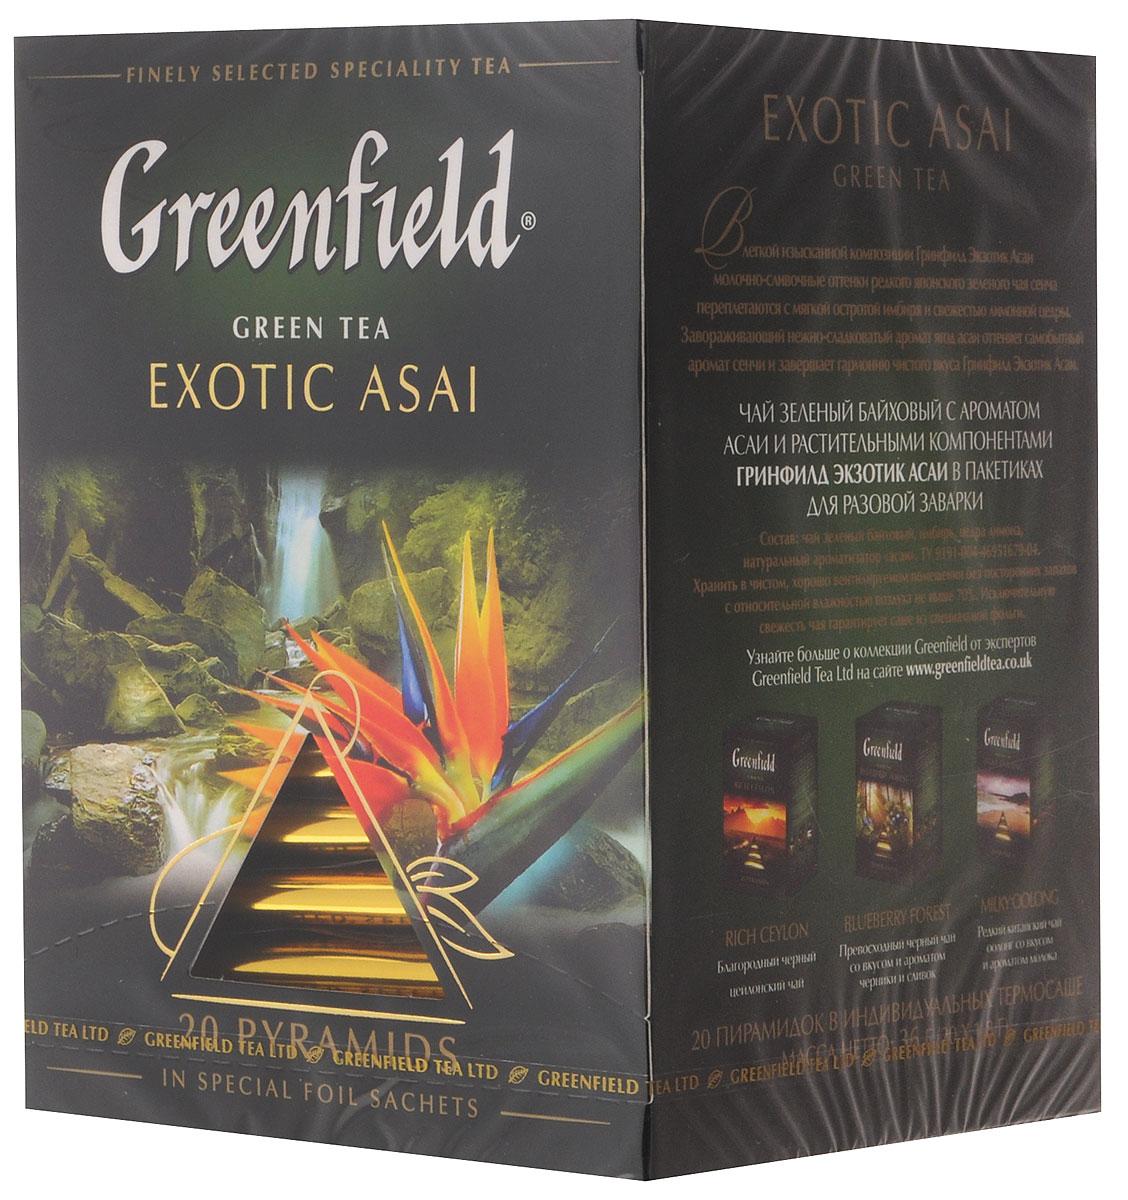 Greenfield Exotic Asai зеленый чай в пирамидках, 20 шт1023-08В легкой изысканной композиции Гринфилд Экзотик Асаи молочно-сливочные оттенки редкого японского зеленого чая сенча переплетаются с мягкой остротой имбиря и свежестью лимонной цедры. Завораживающий нежно-сладковатый аромат ягод асаи оттеняет самобытный аромат сенчи и завершает гармонию чистого вкуса Гринфилд Экзотик Асаи. Уважаемые клиенты! Обращаем ваше внимание, что полный перечень состава продукта представлен на дополнительном изображении.